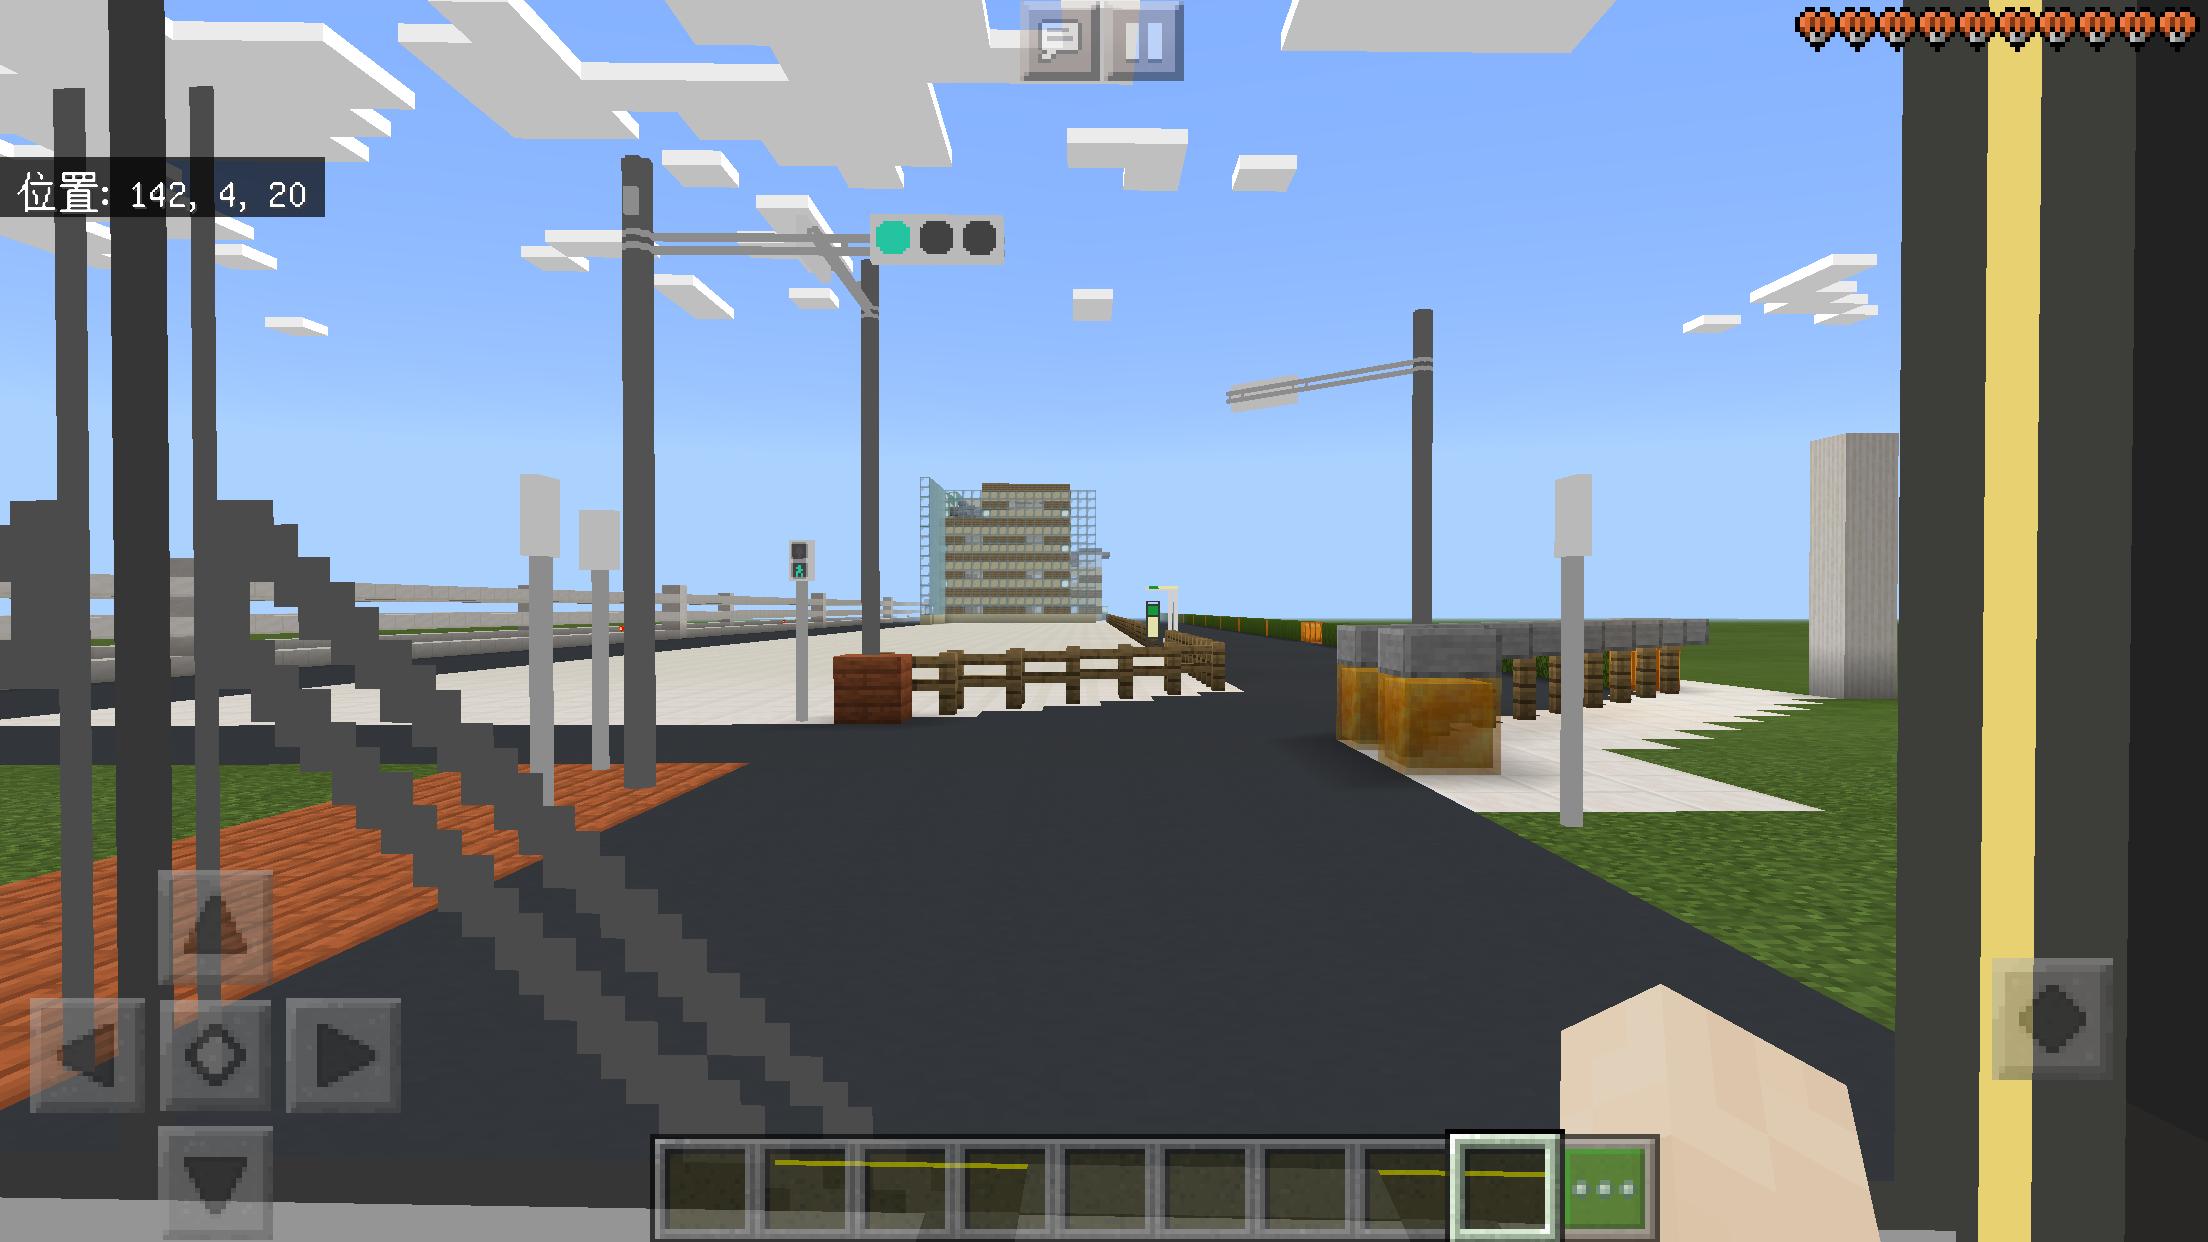 f:id:Minecraftkun:20200301153205p:image